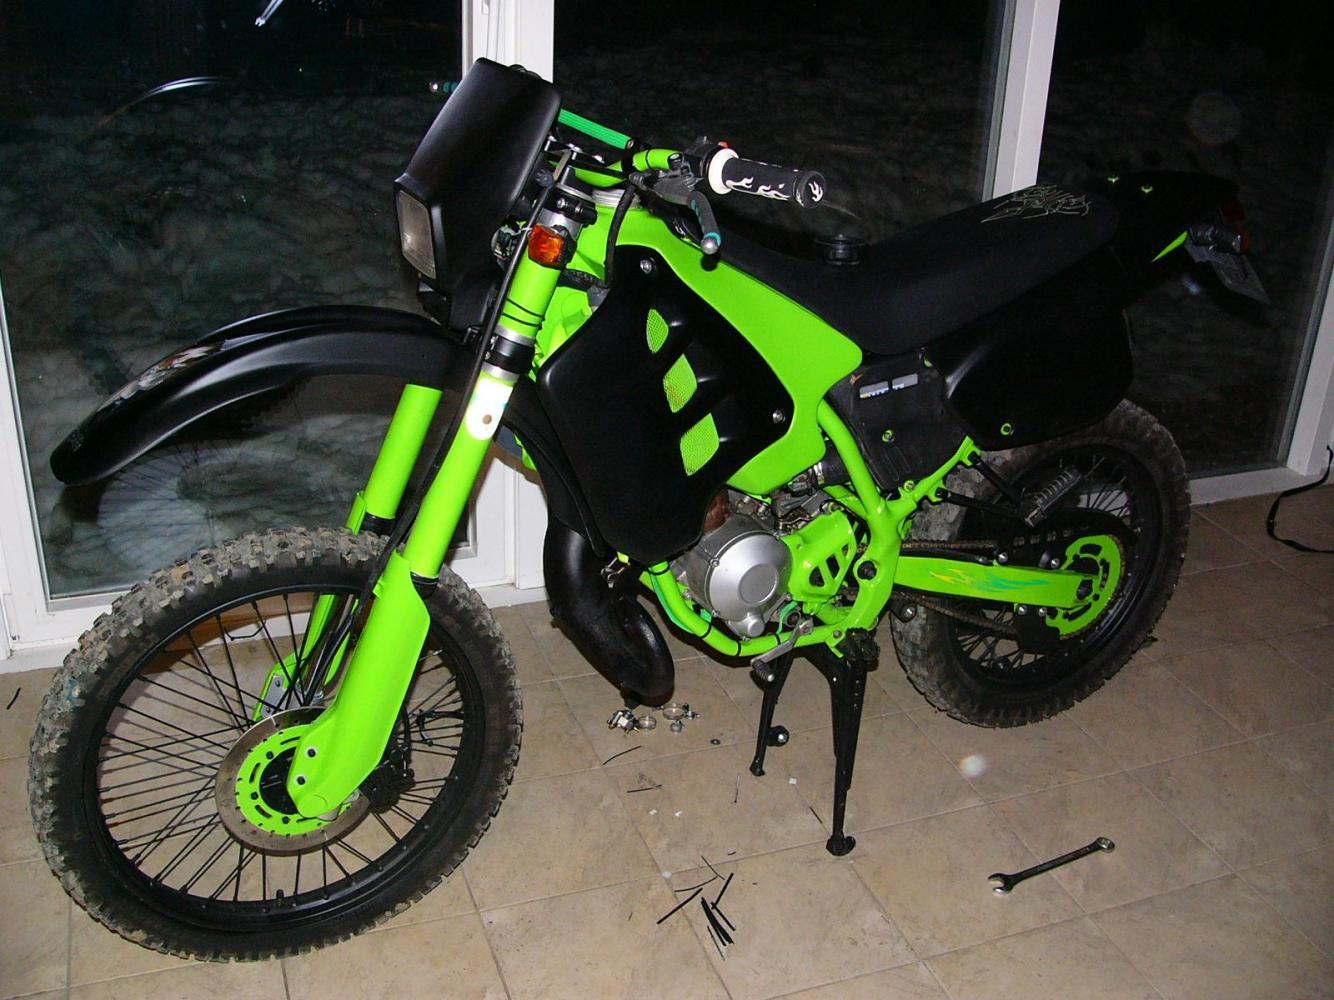 Aprilia Rx 50 Bj 1996